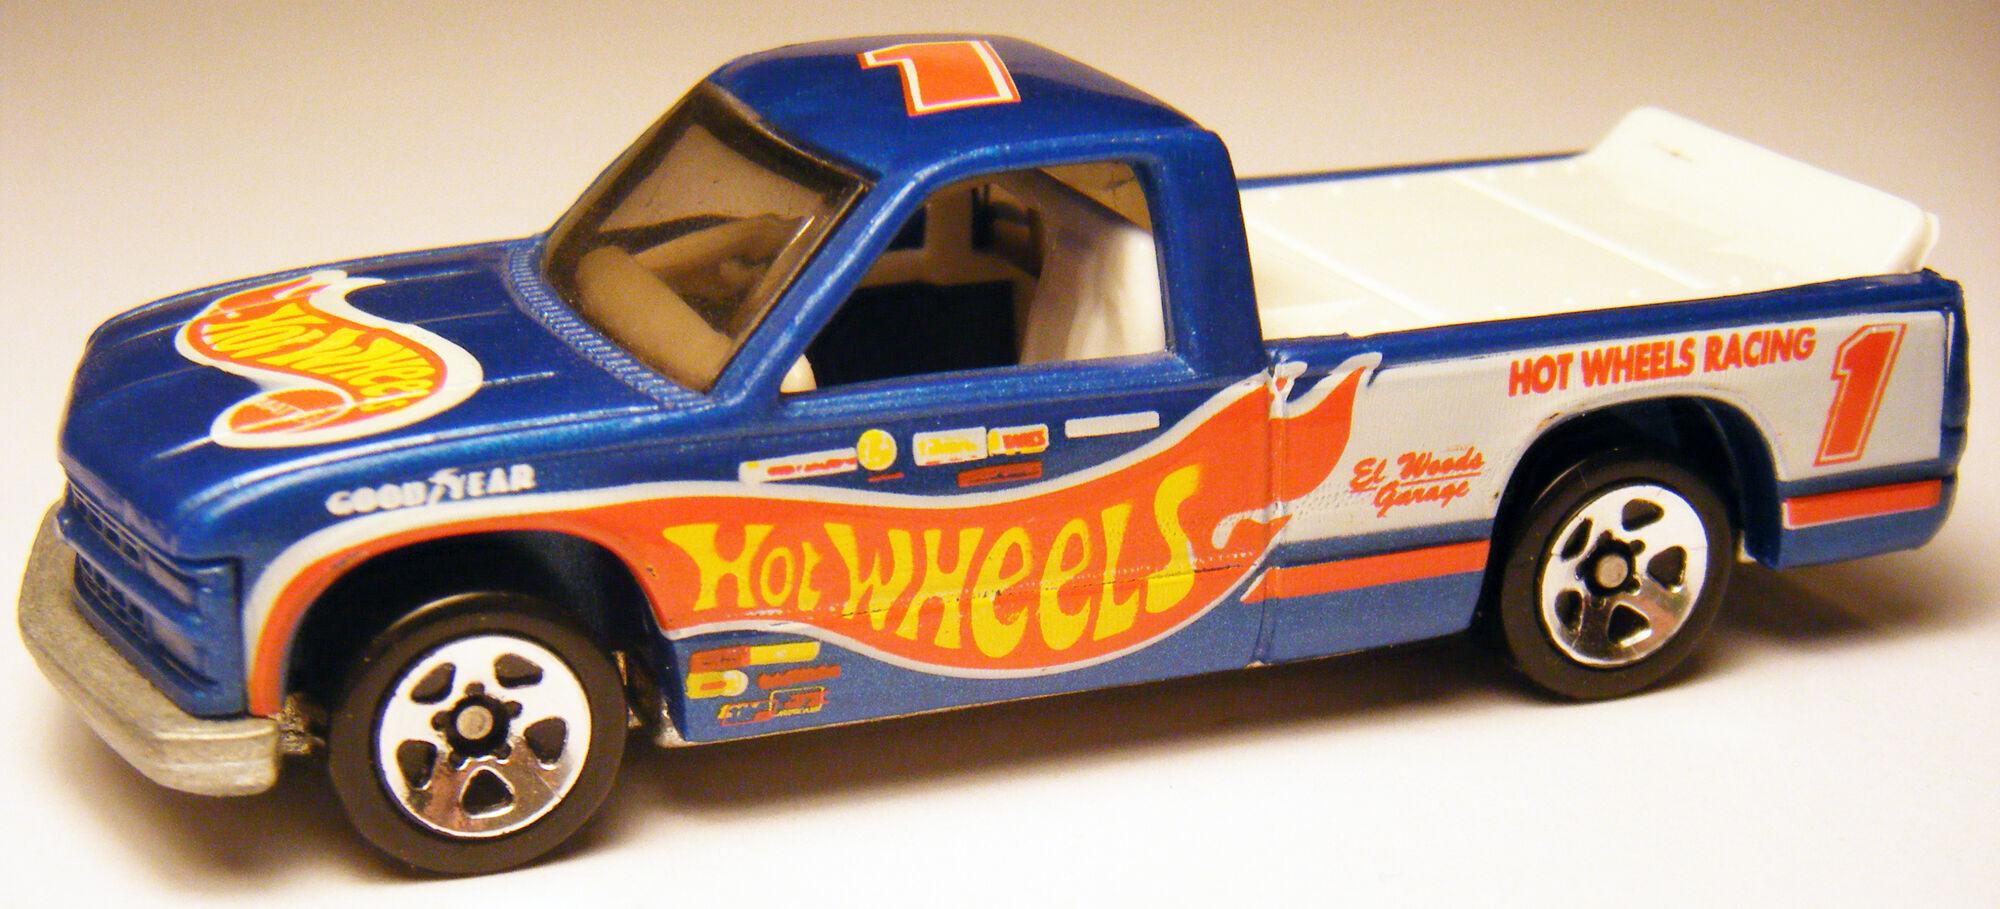 Chevy 1500 | Hot Wheels Wiki | FANDOM powered by Wikia